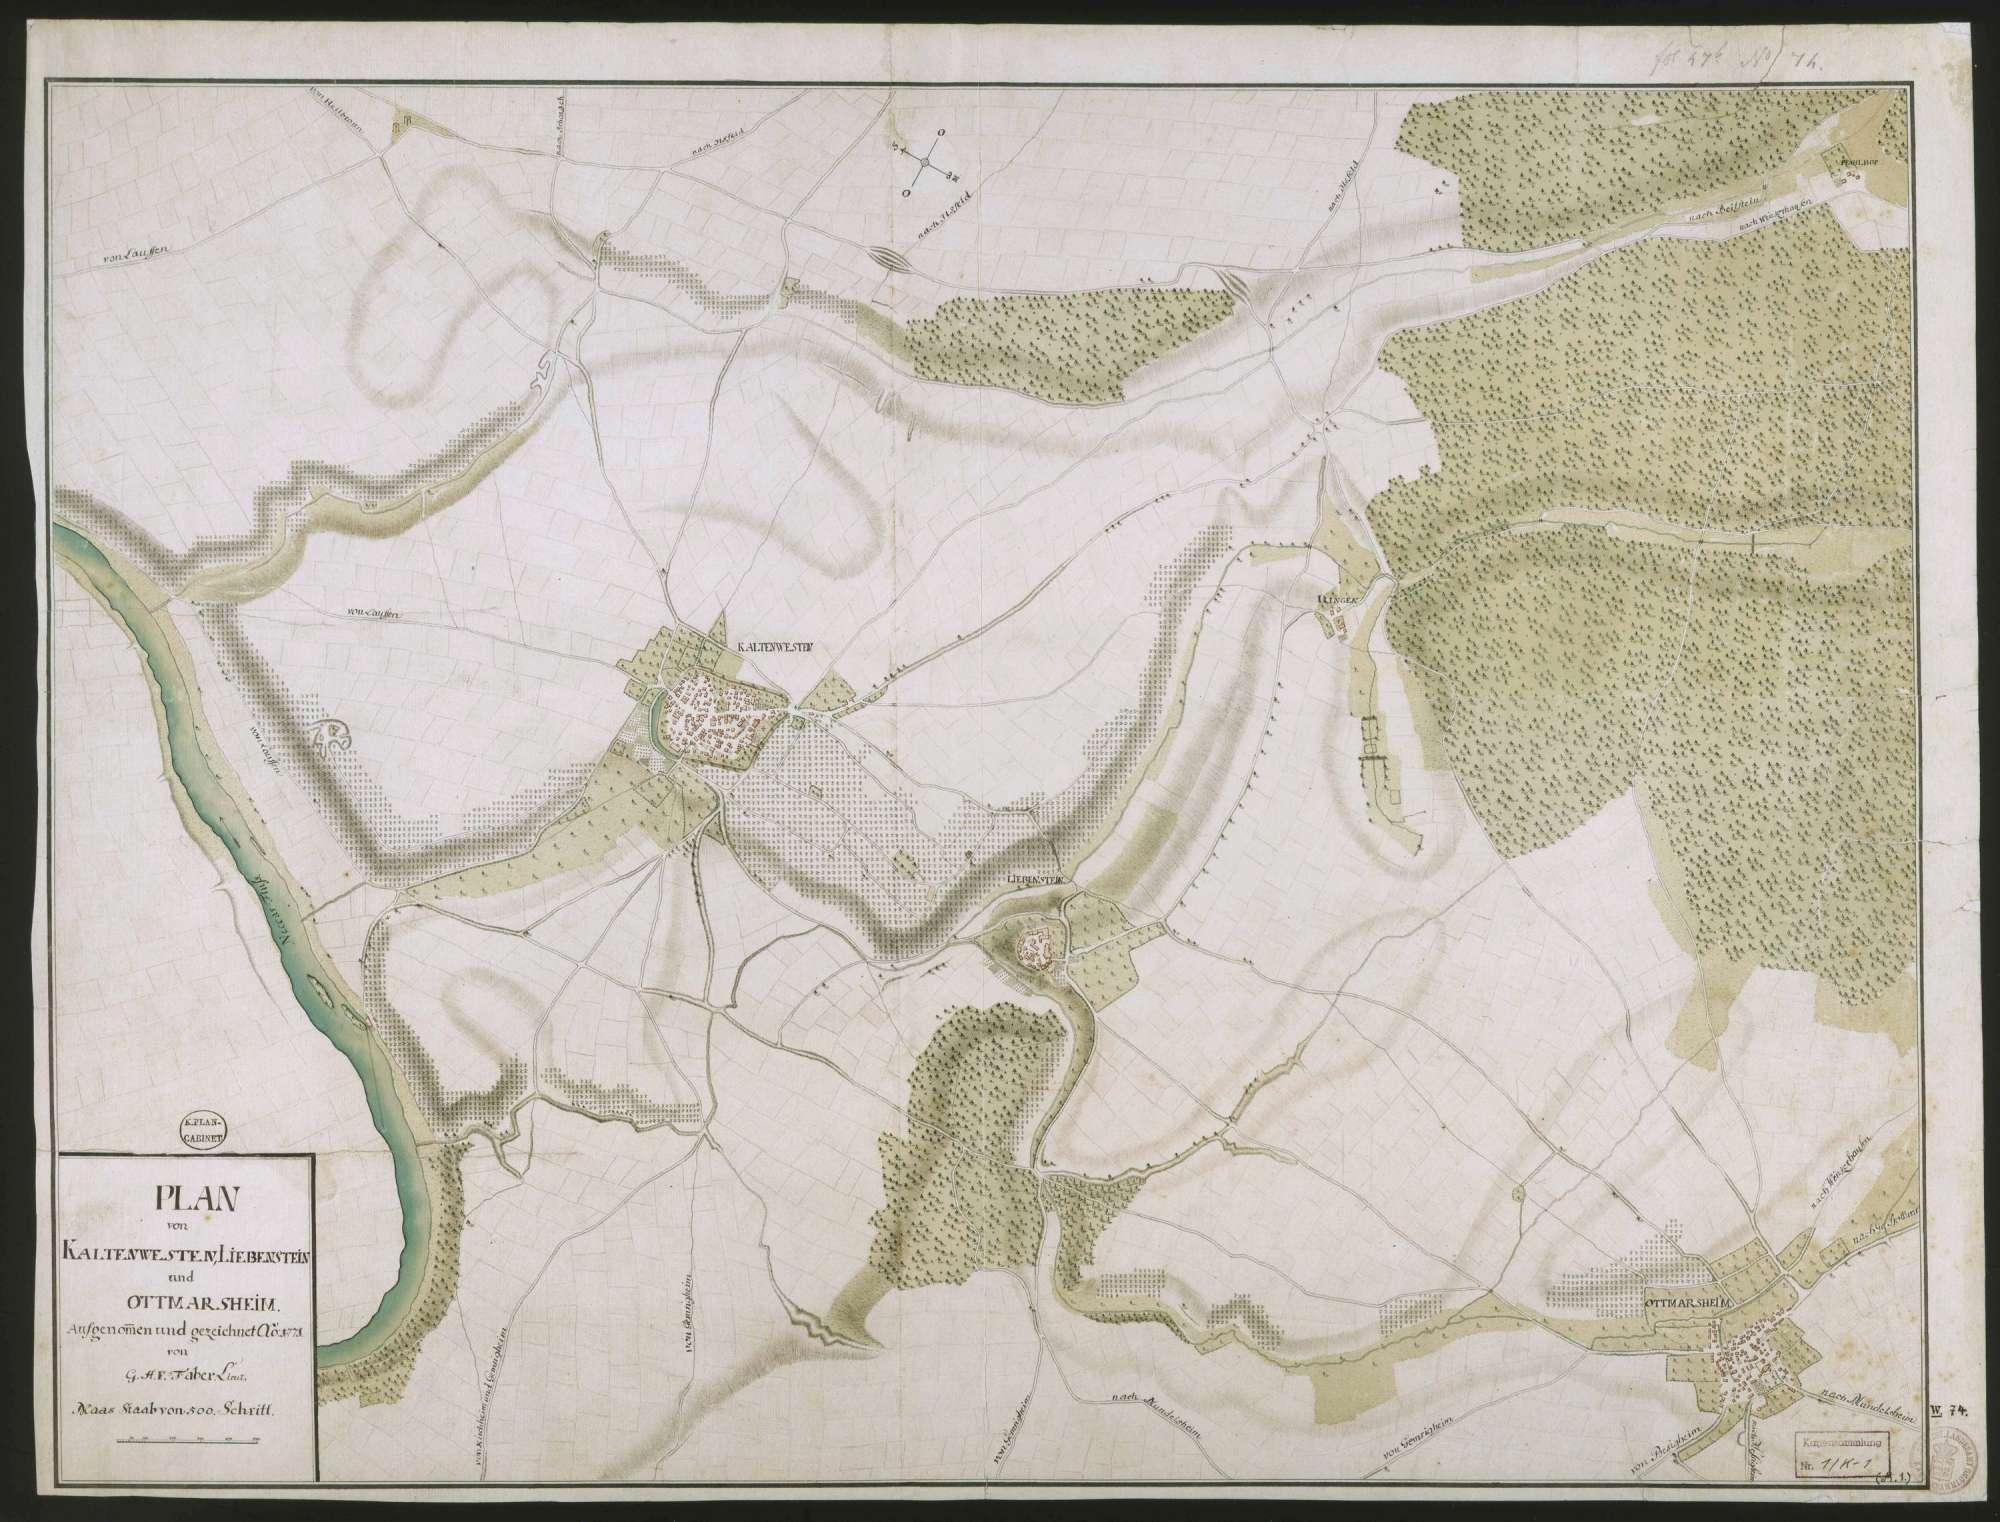 """""""Plan von Kaltenwesten, Liebenstein und Ottmarsheim"""", Bild 1"""